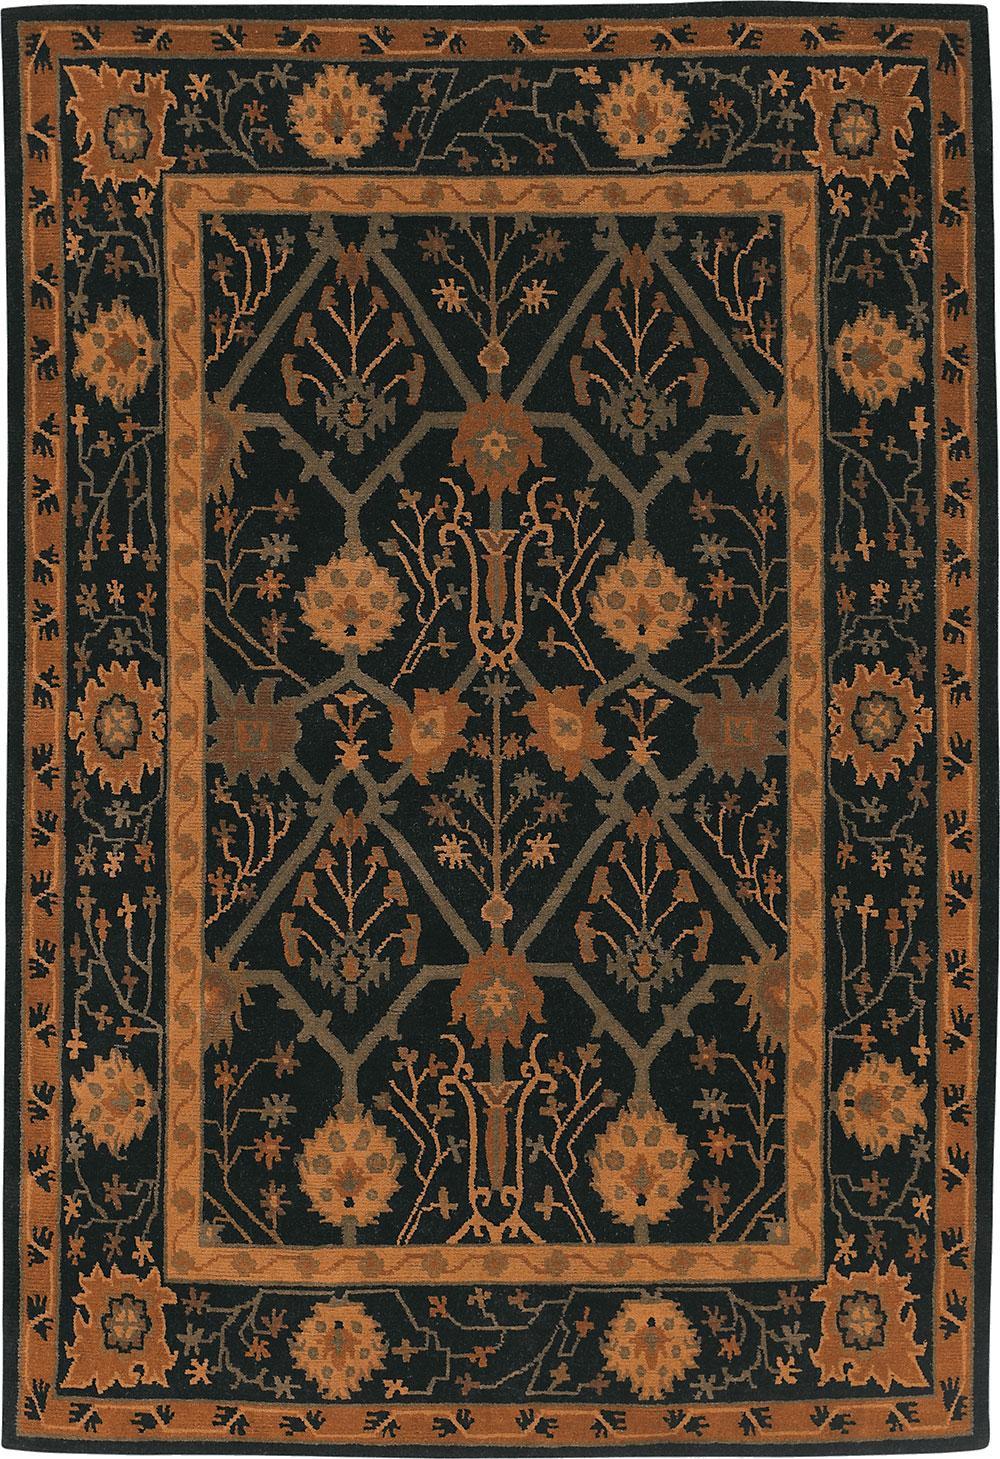 PALMETTE-TRELLIS-BLACK-5086